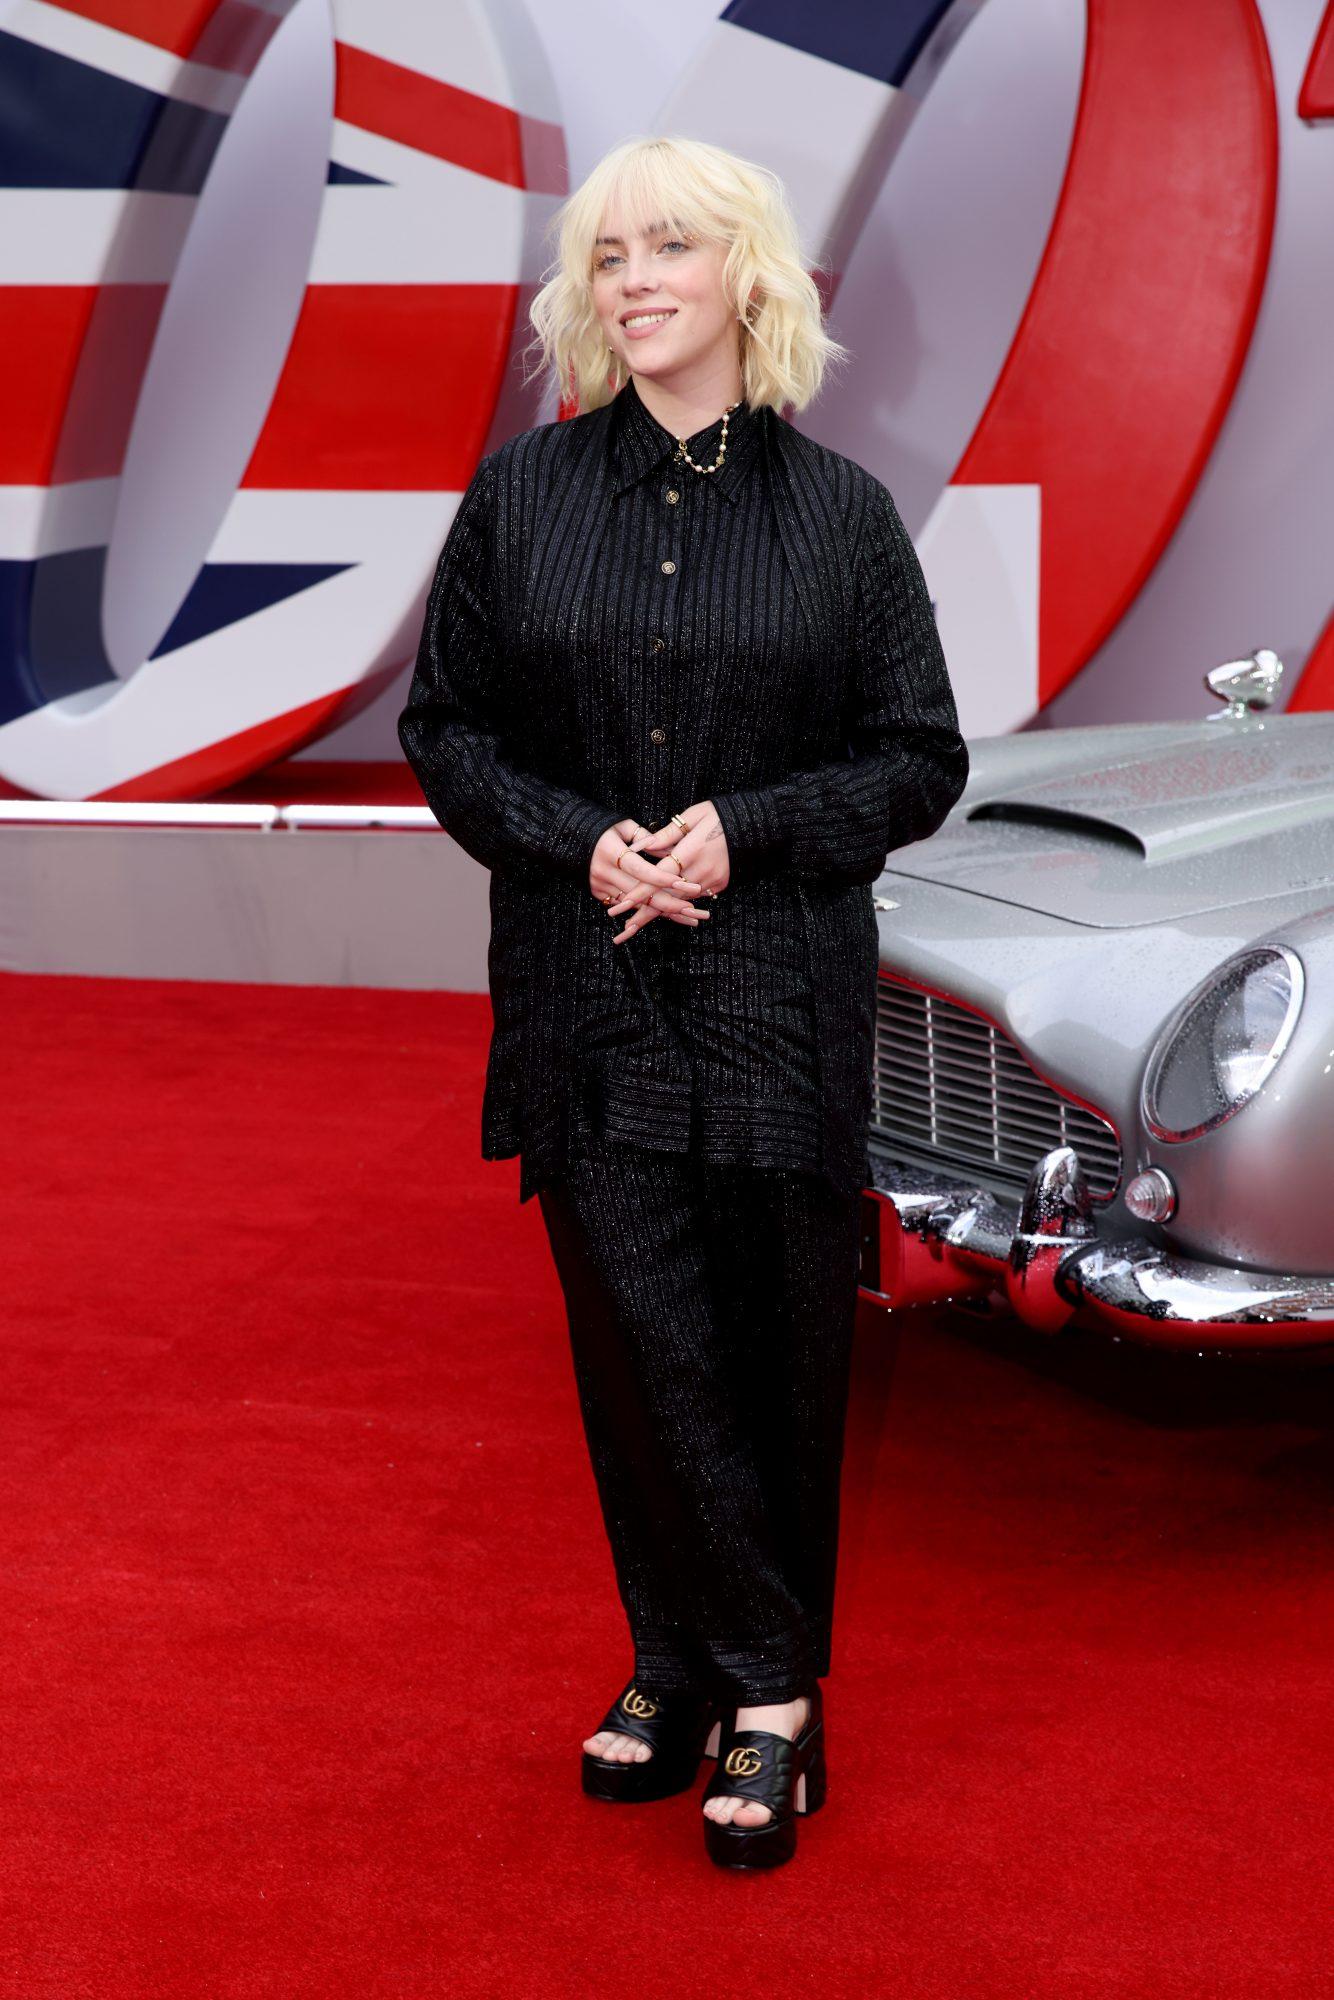 James Bond, No Time to Die estreno, alfombra roja, Billie Eilish